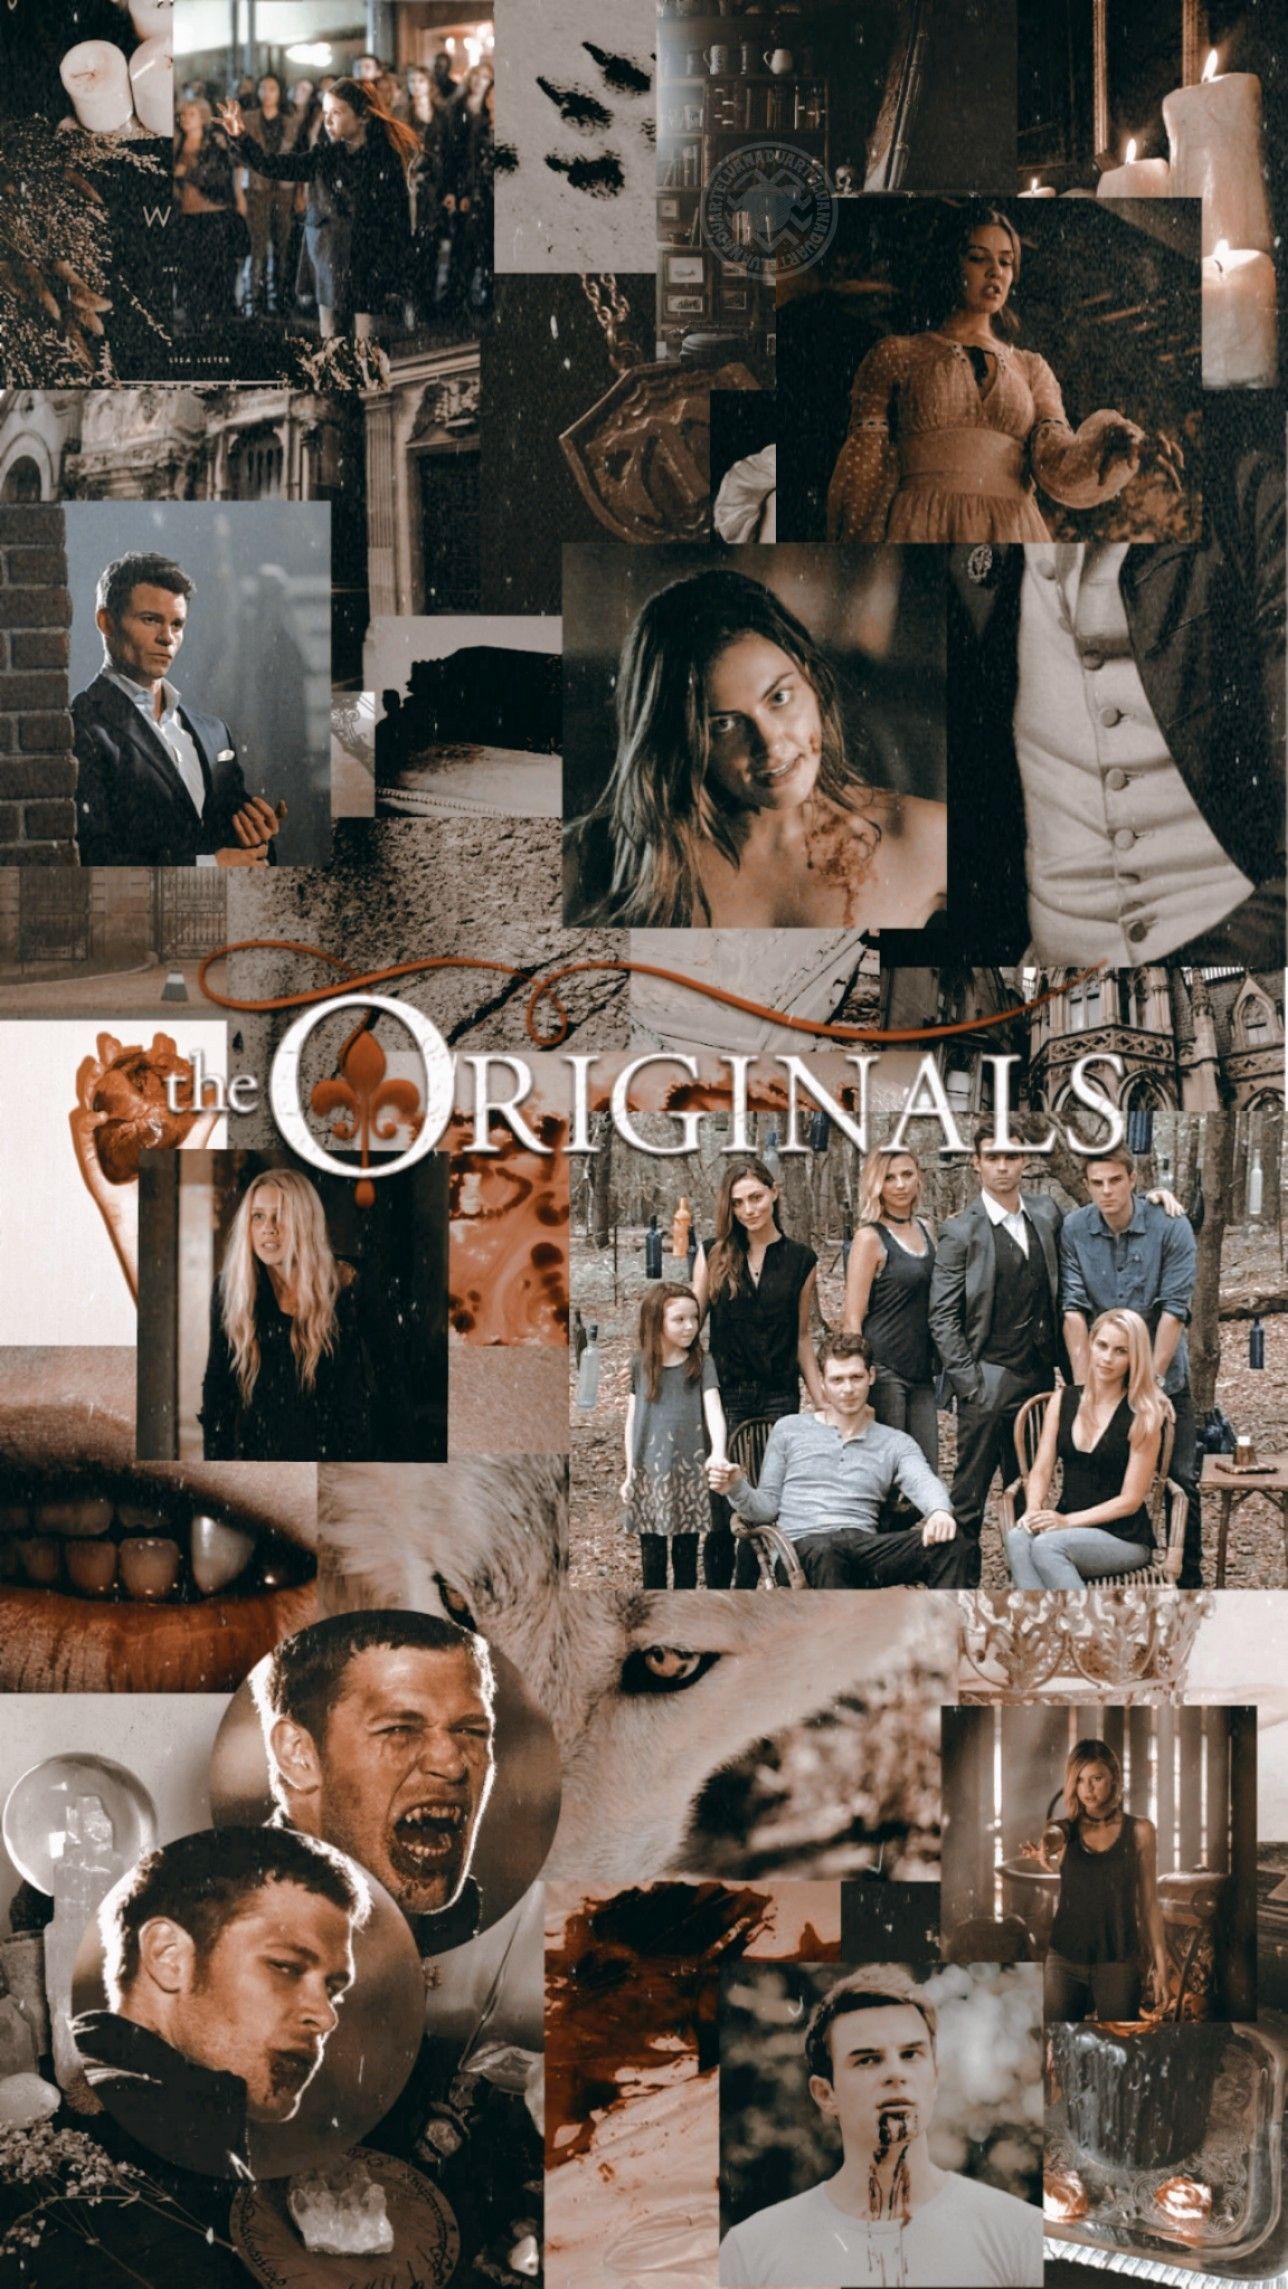 Lockscreen Wallpaper The Originals Vampire Diaries Wallpaper Vampire Diaries Guys The Originals